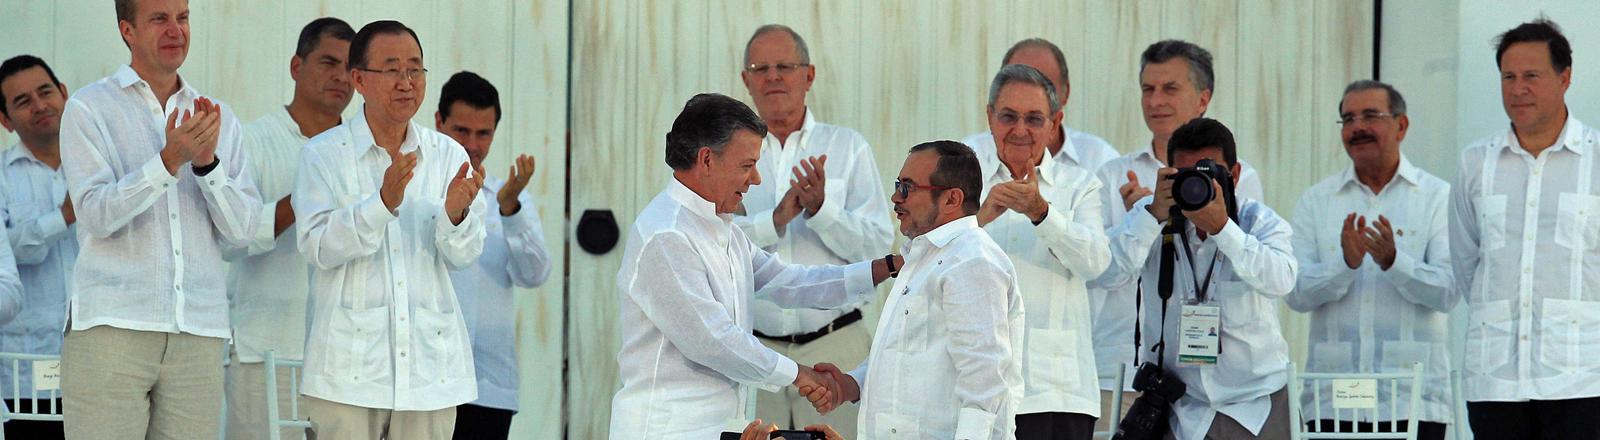 Kolumbiens Präsident Juan Manuel Santos und Farc-Chef Rodrigo Londono Echeverri.